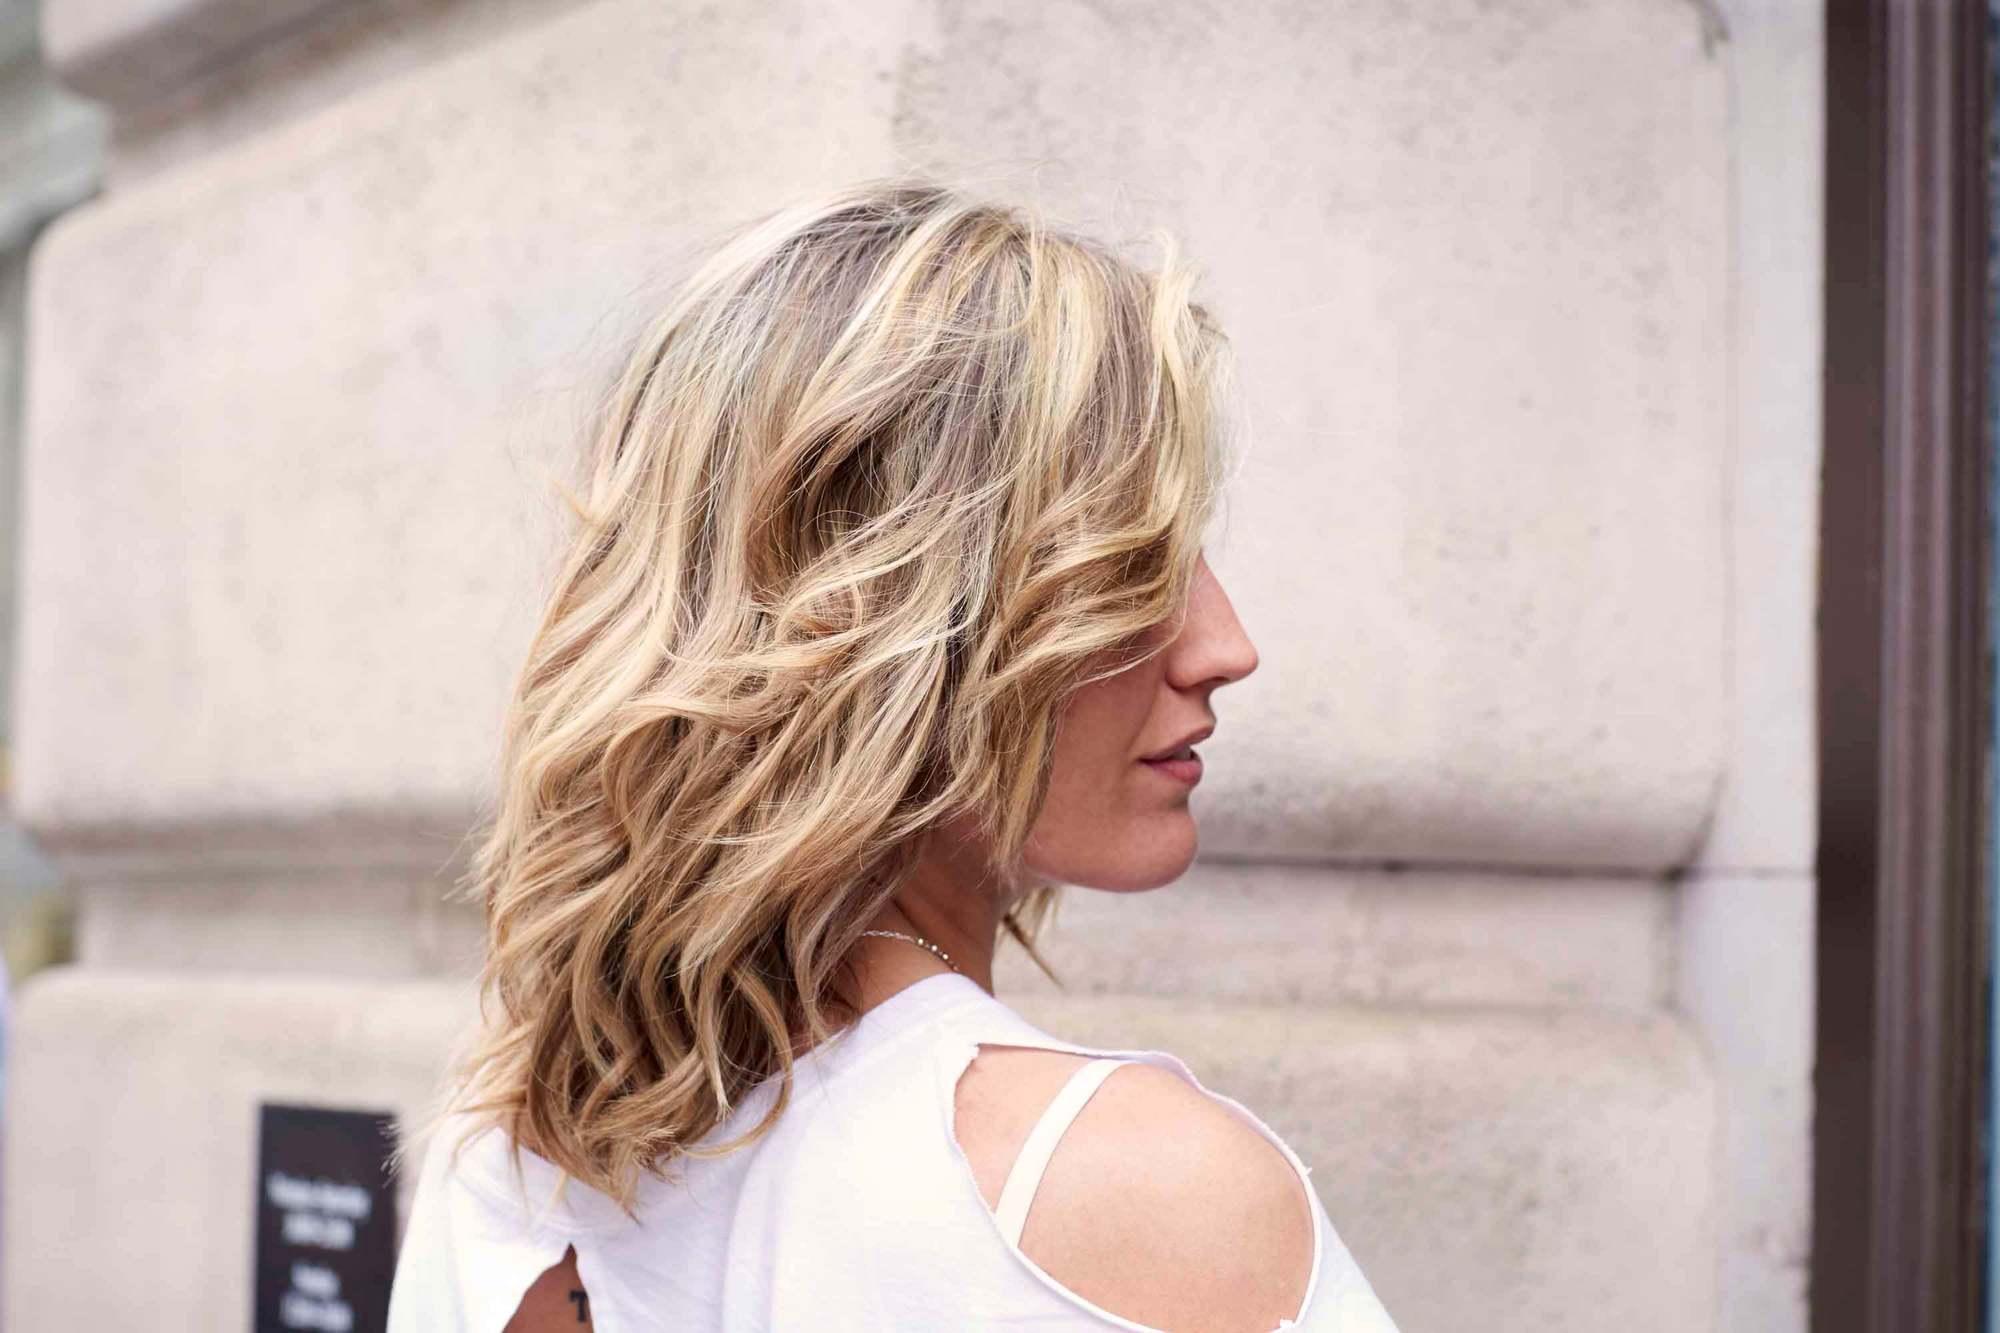 lowlight hair streaks in blonde hair